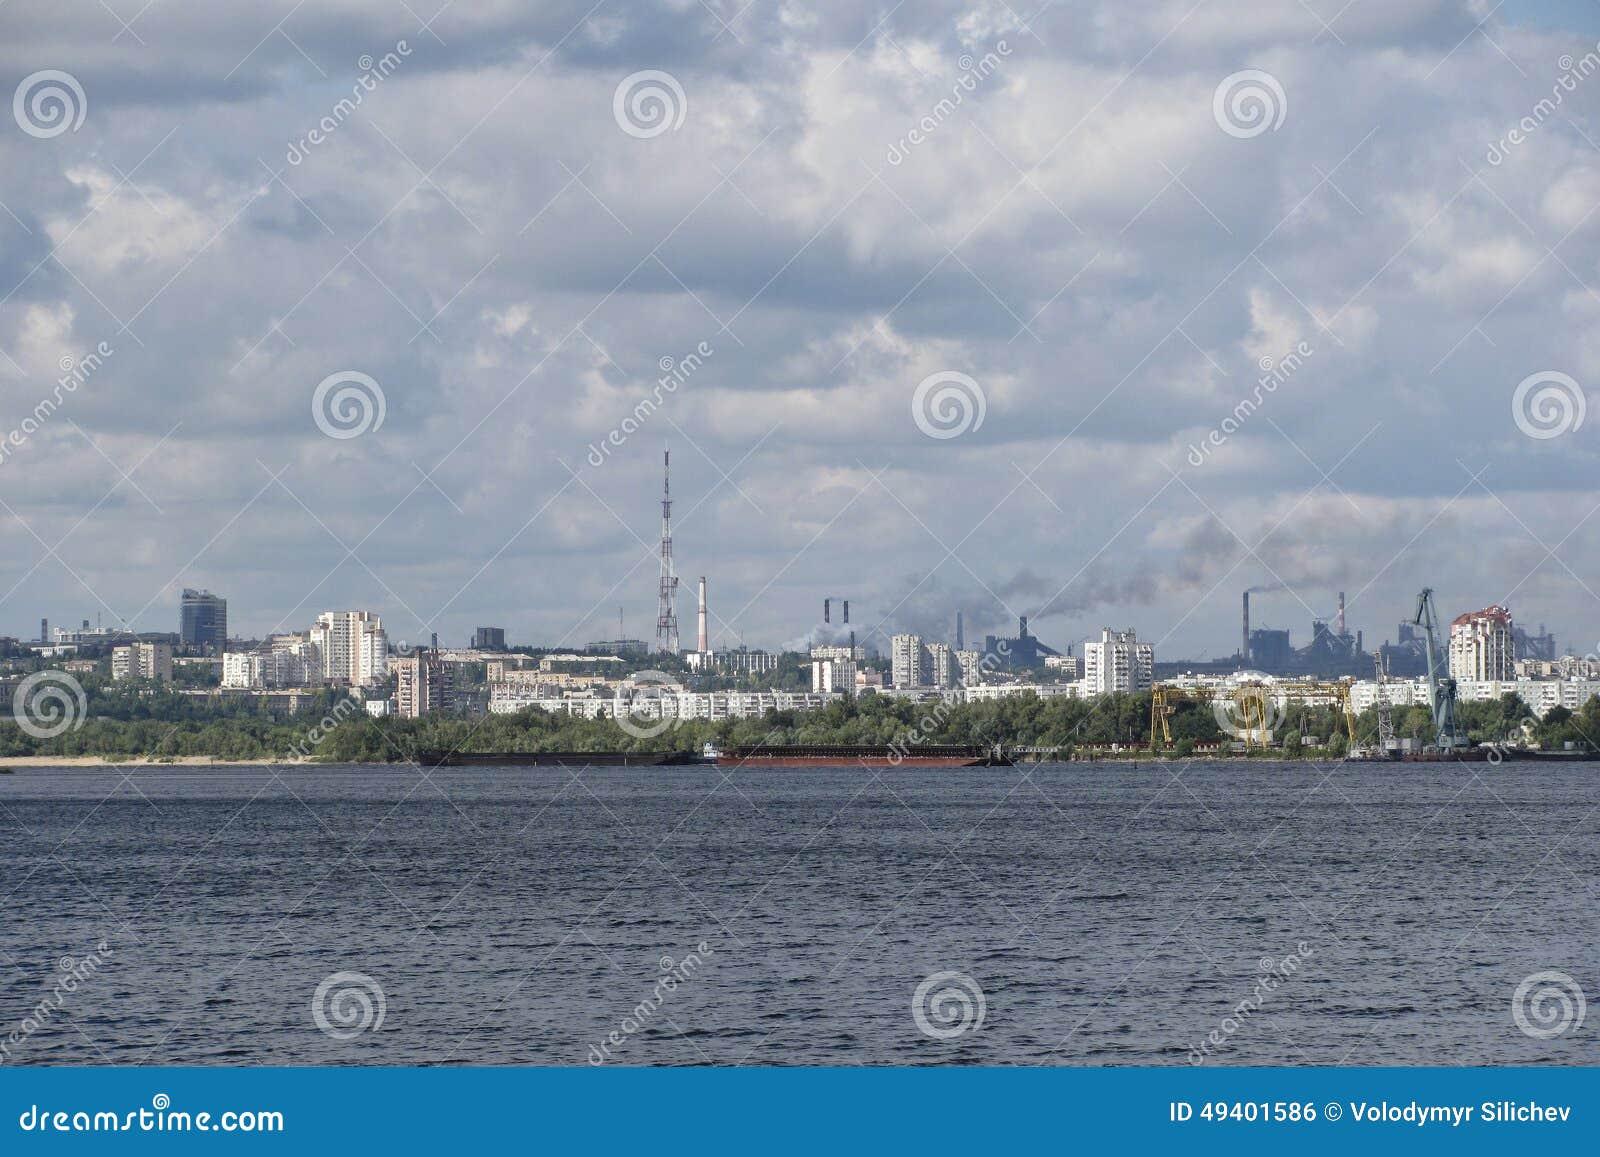 Download Ansicht Vom Fluss Auf Einer Großen Industriestadt Stockfoto - Bild von betrieb, stadt: 49401586